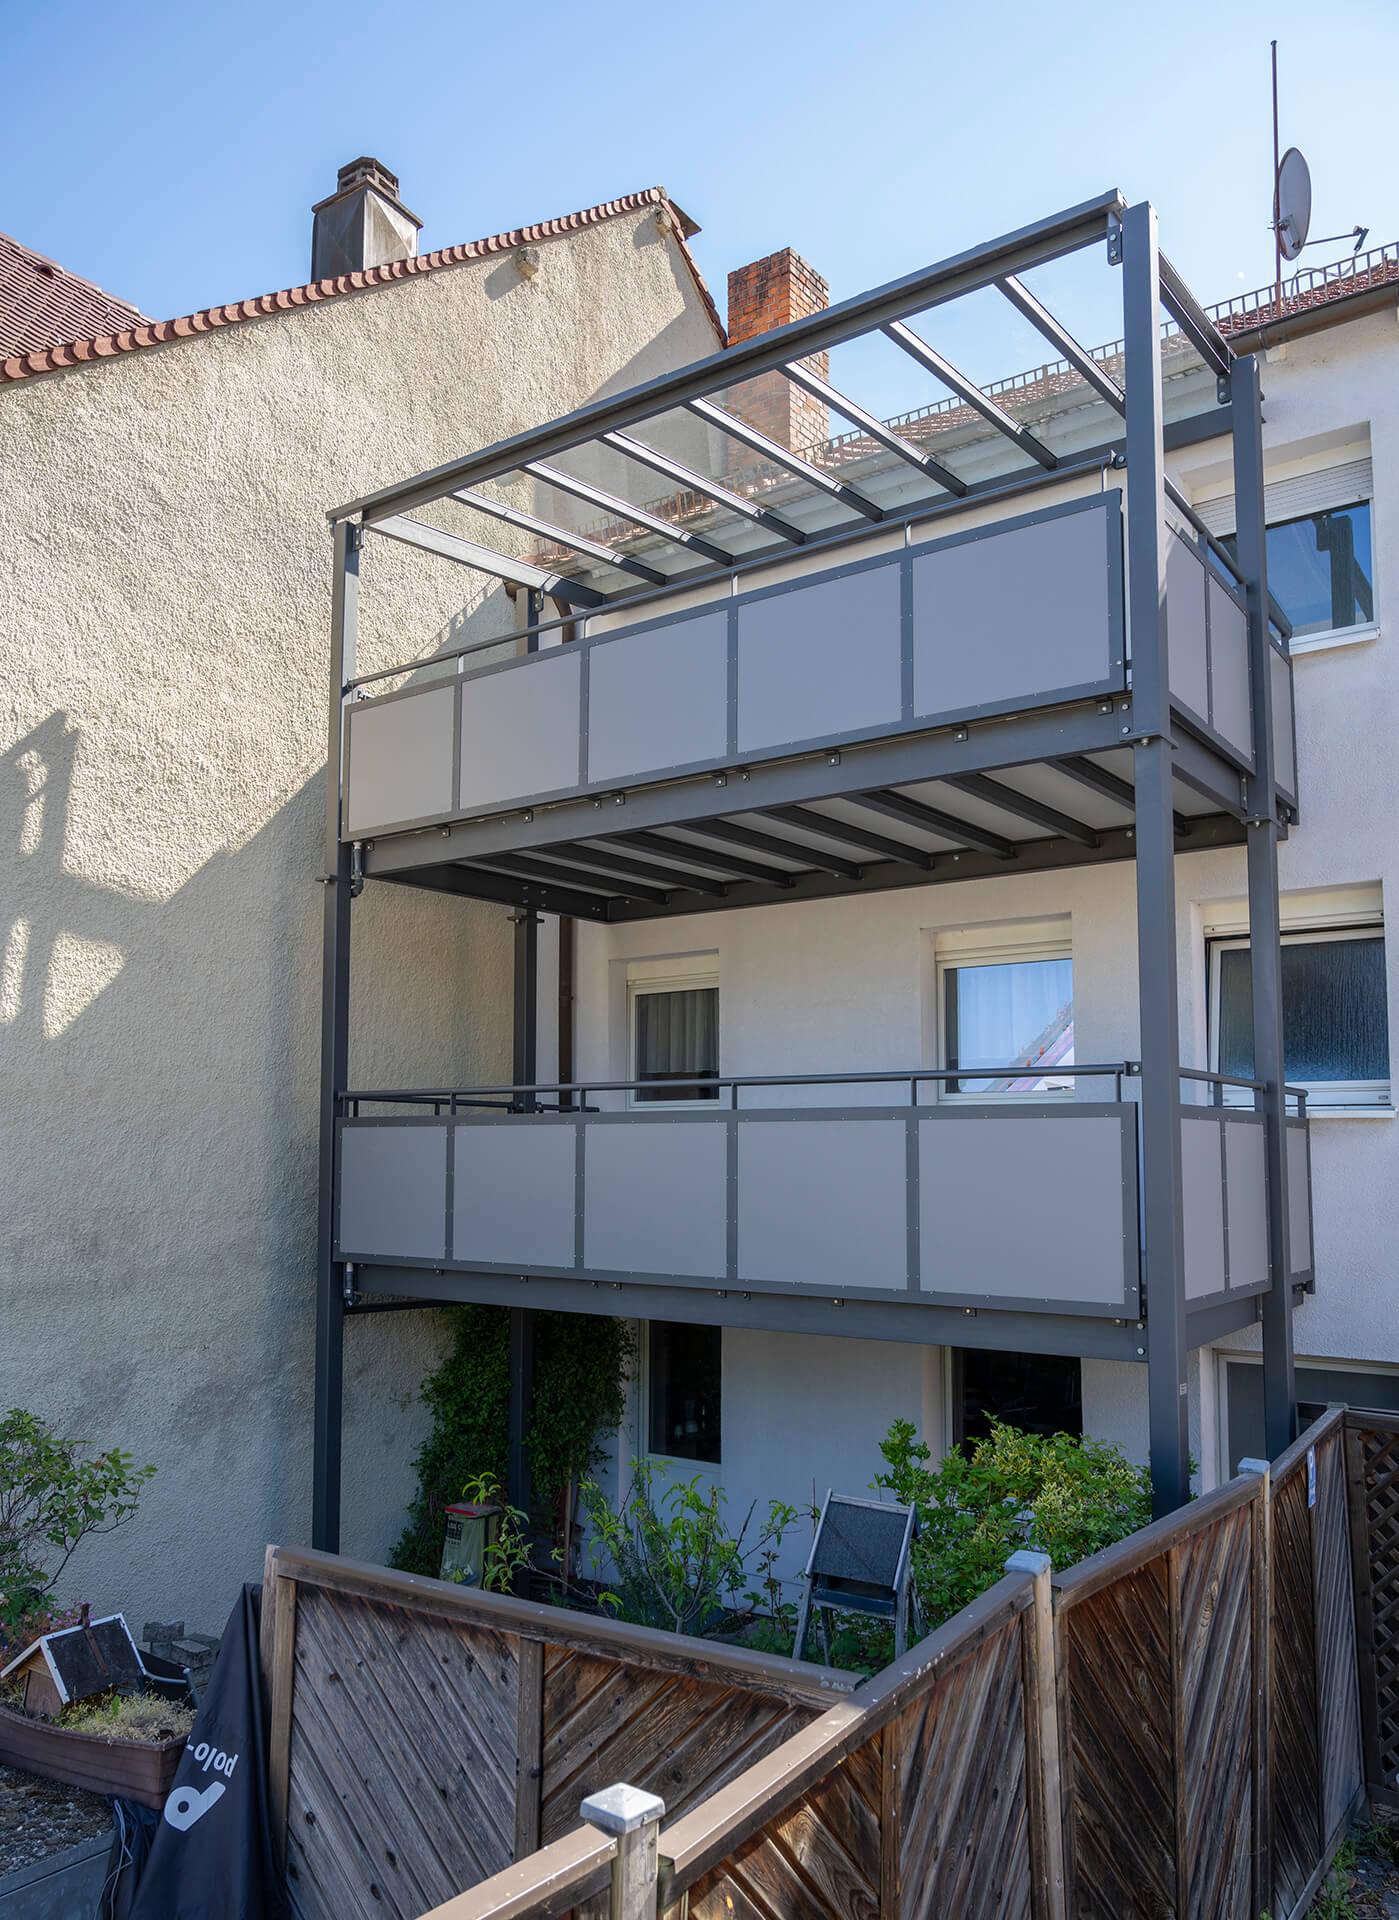 Stahlbalkonturm mit 2 Böden und Glasvordach. Die Füllung der Geländer besteht aus Trespa Meteon.